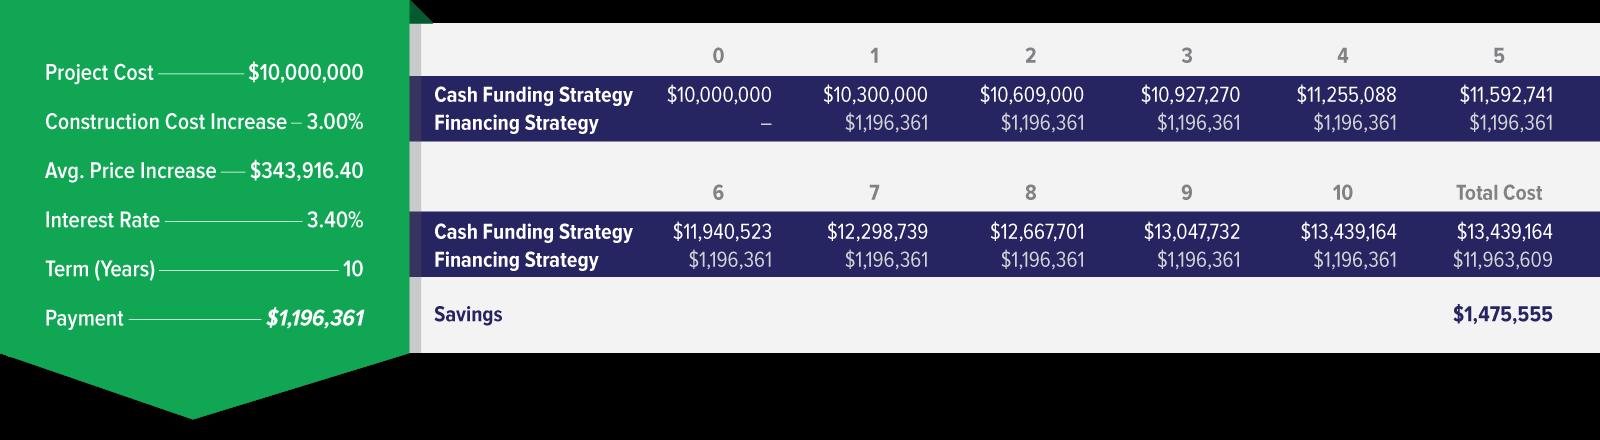 Project Cost Breakdown